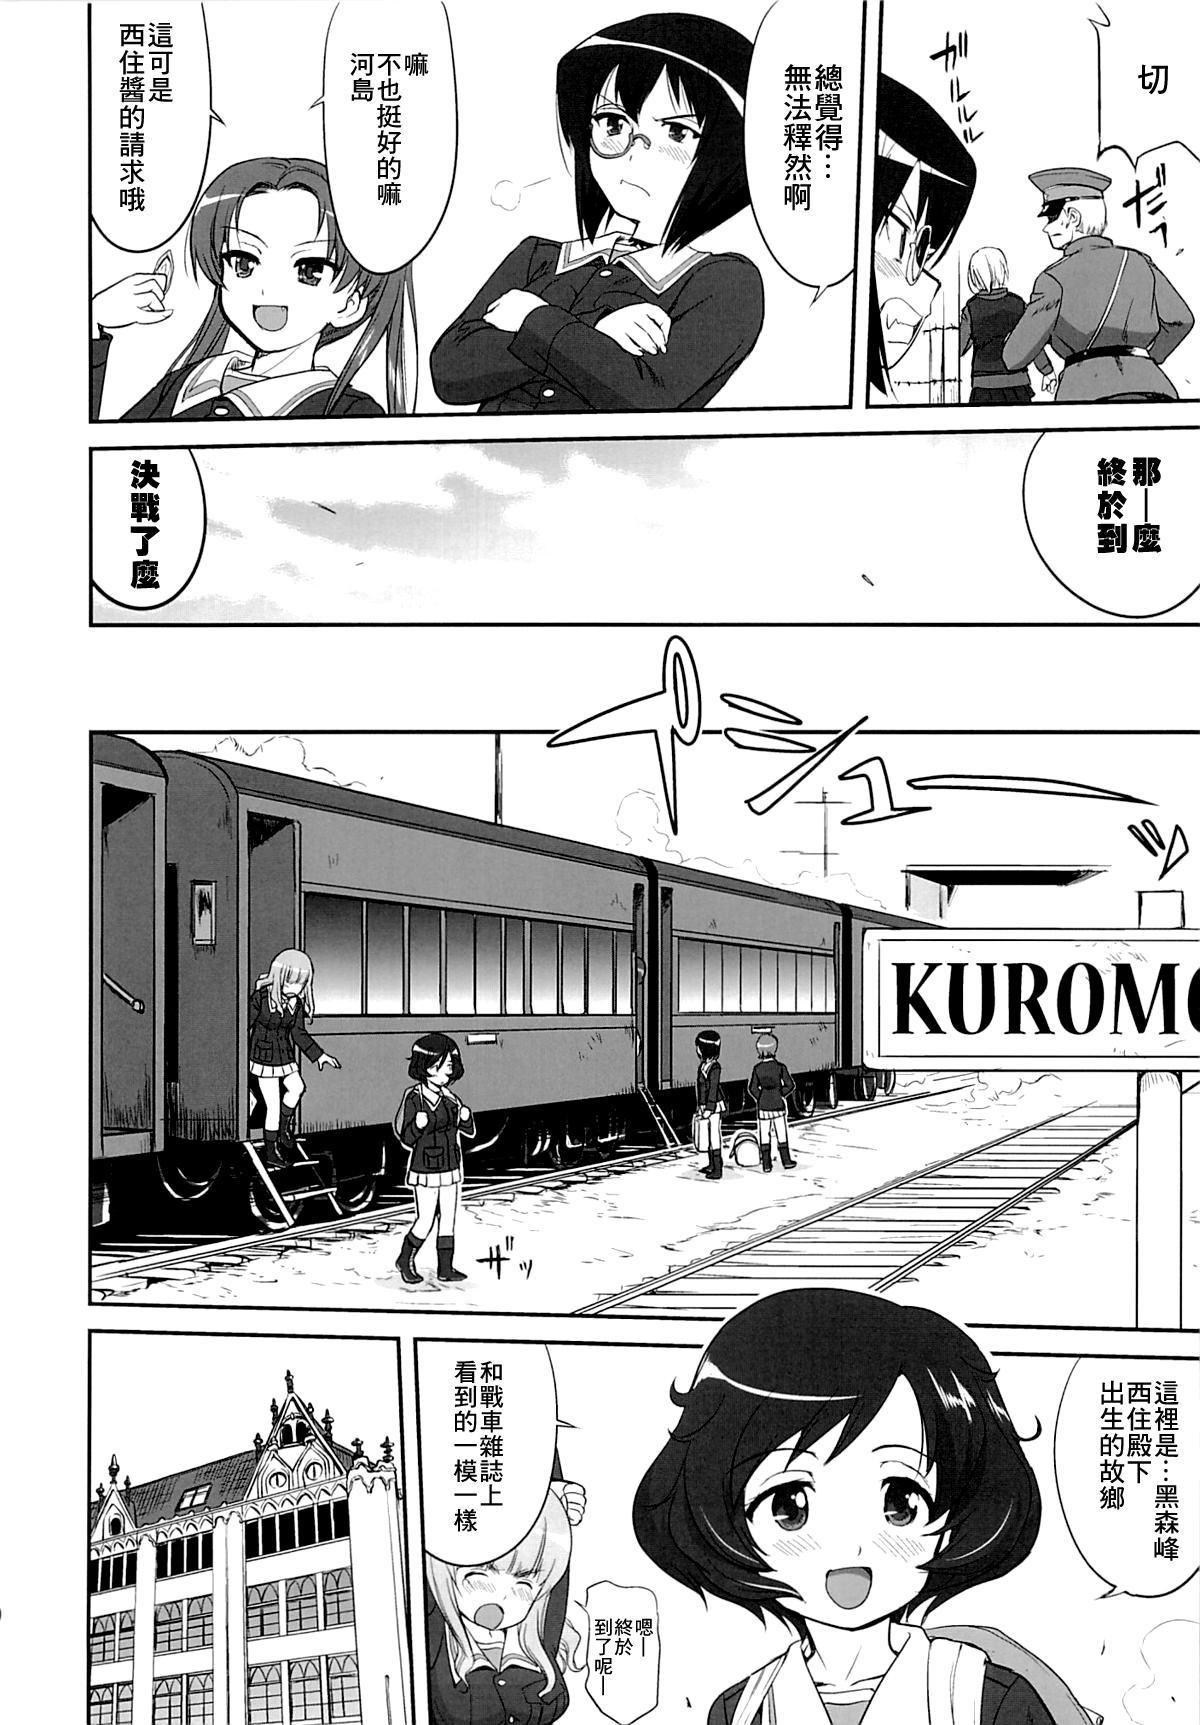 Yukiyukite Senshadou Kuromorimine no Tatakai 8